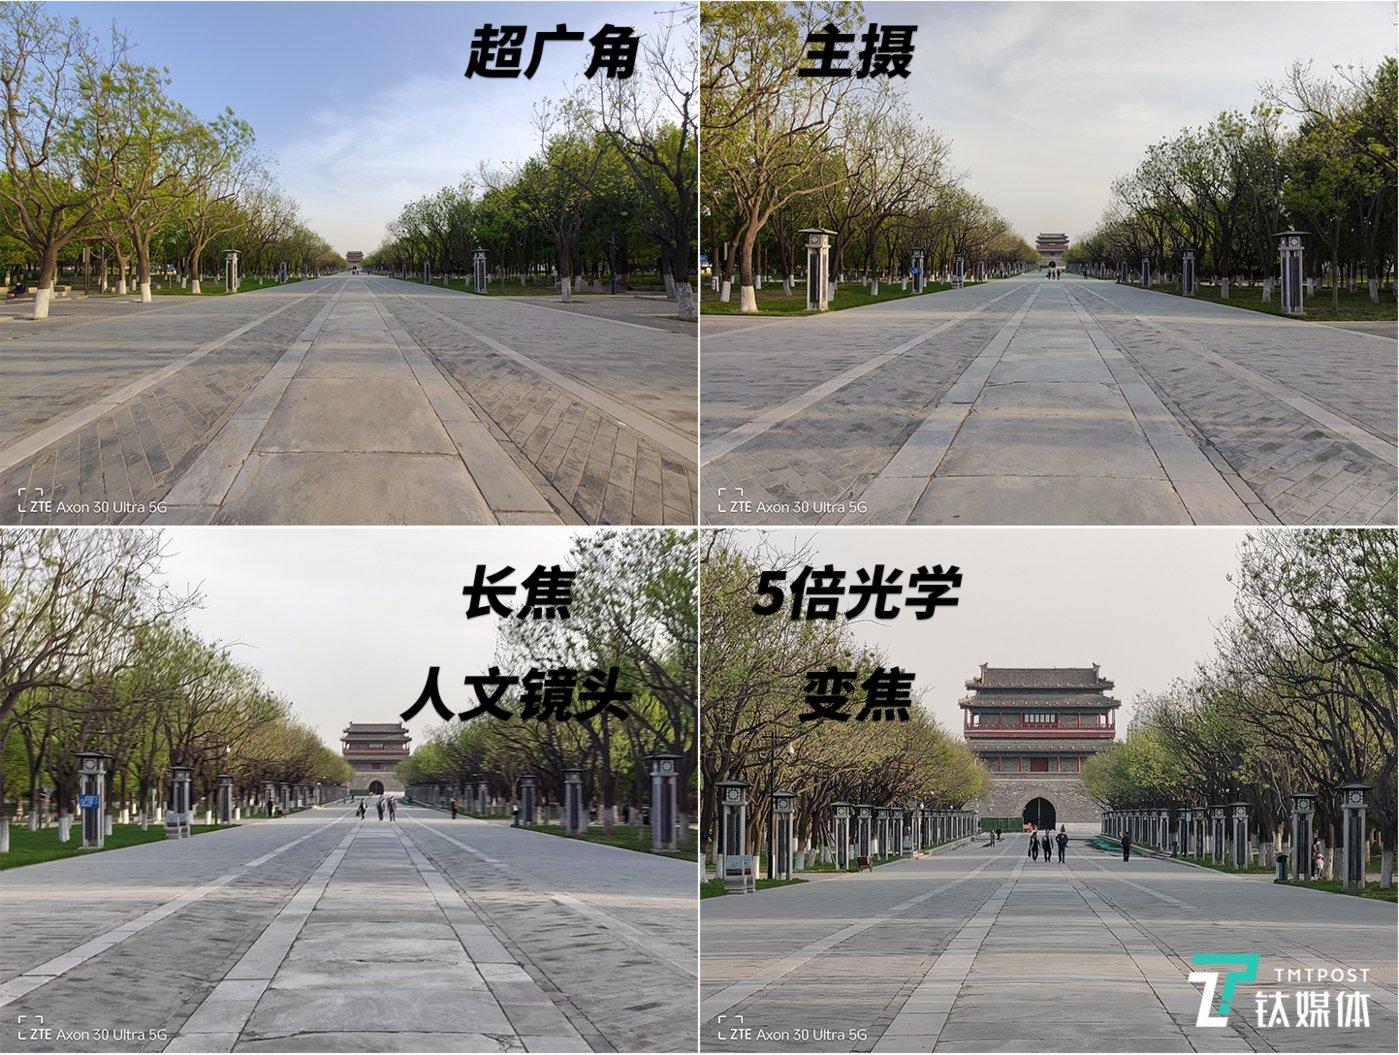 不同焦段镜头的取景范围示意